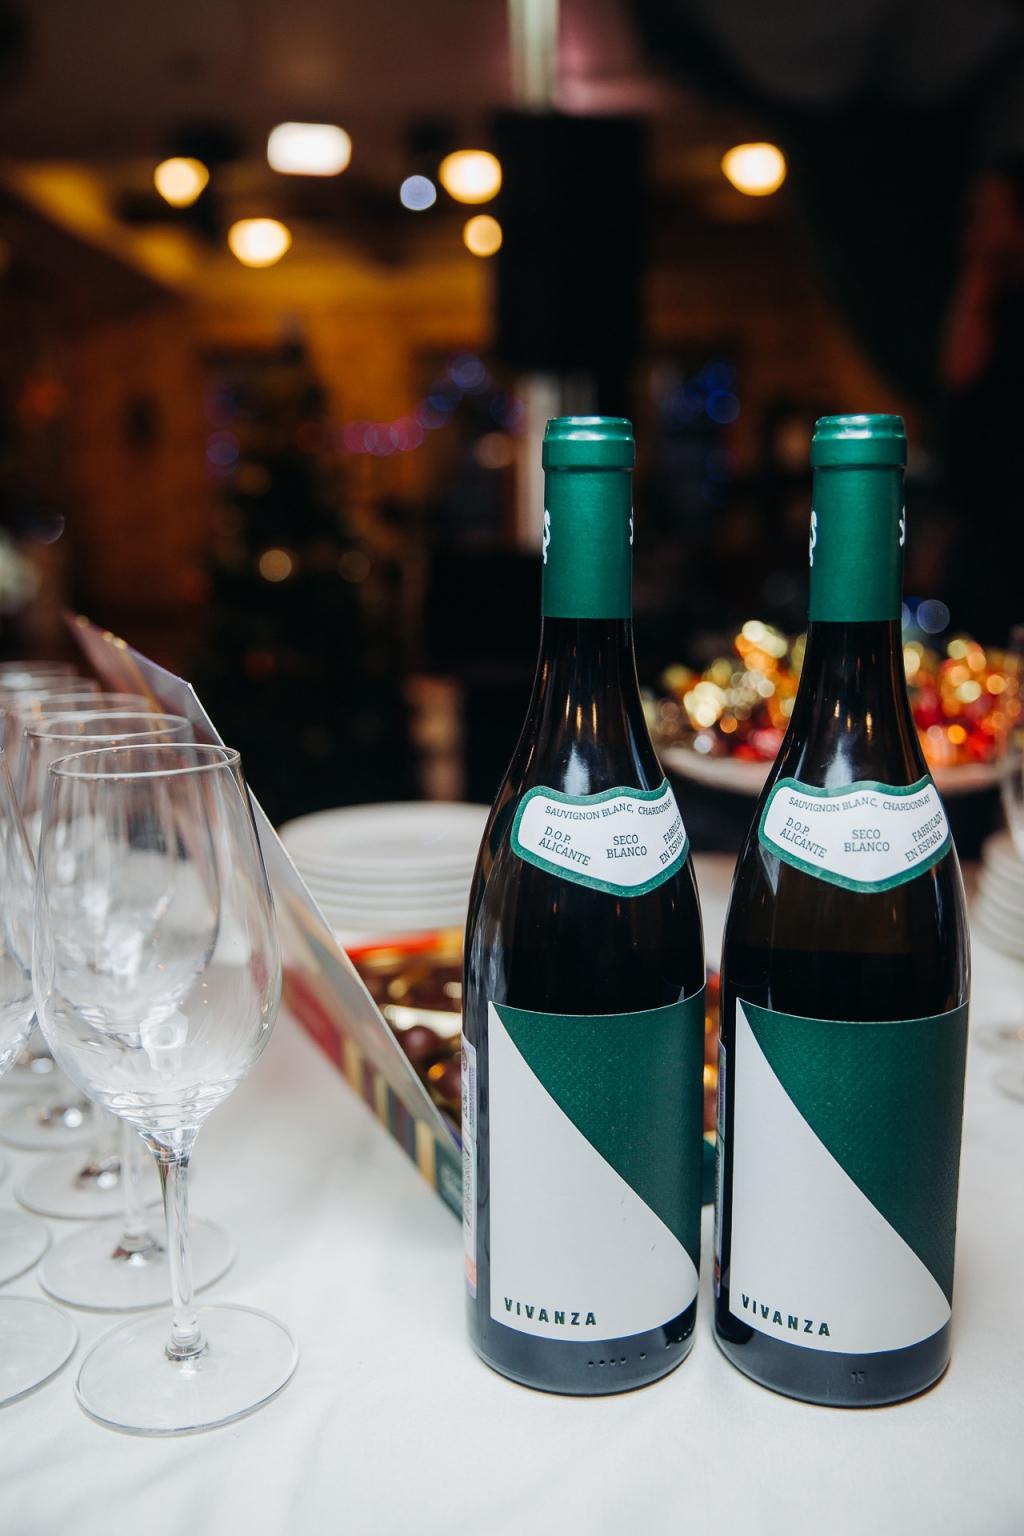 Испанское вино VIVANZA